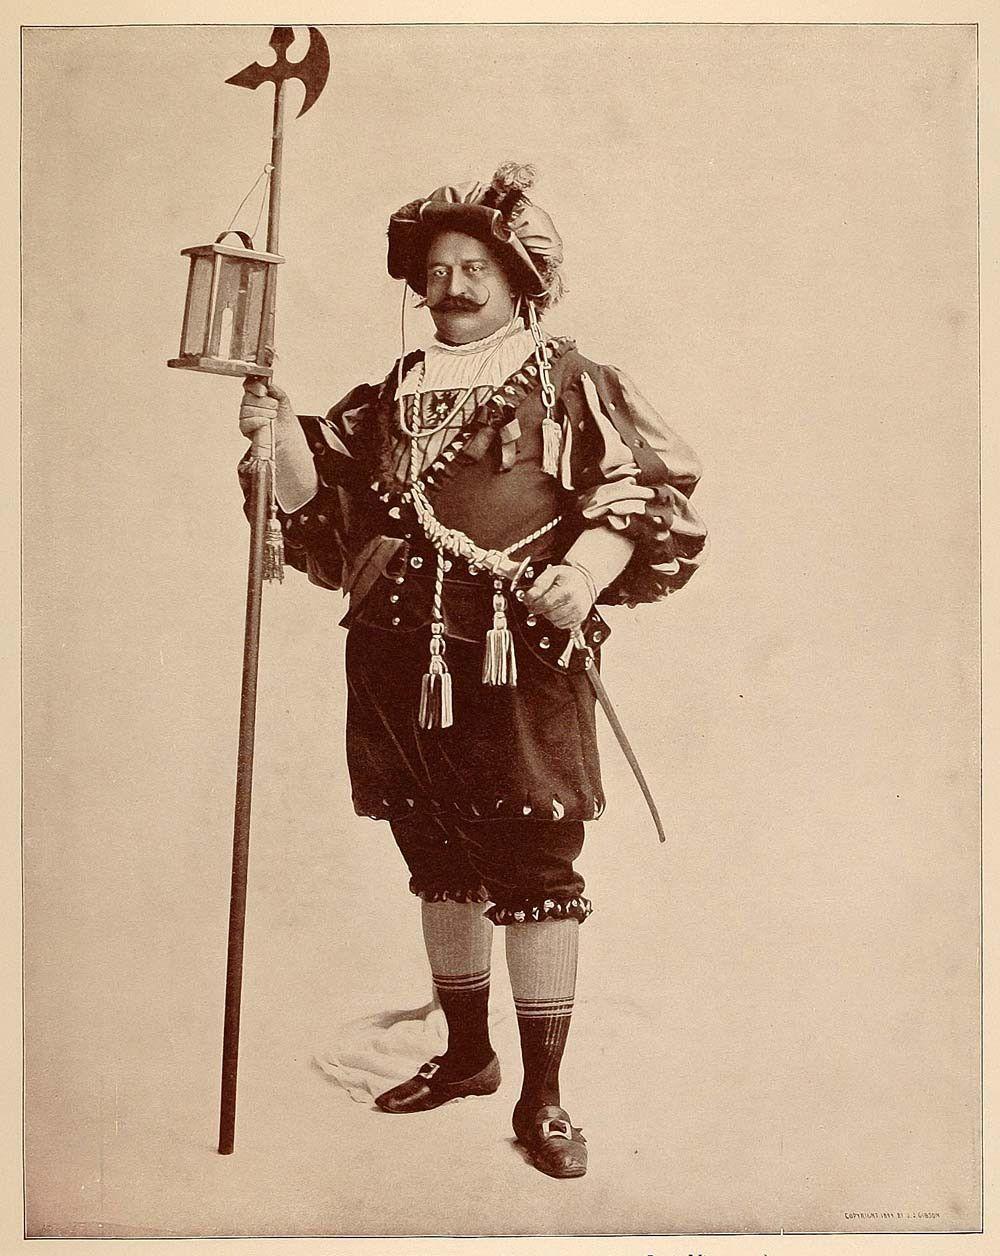 1893 Chicago World's Fair Portrait Night Watchman Old Vienna Midway Pl - Period Paper